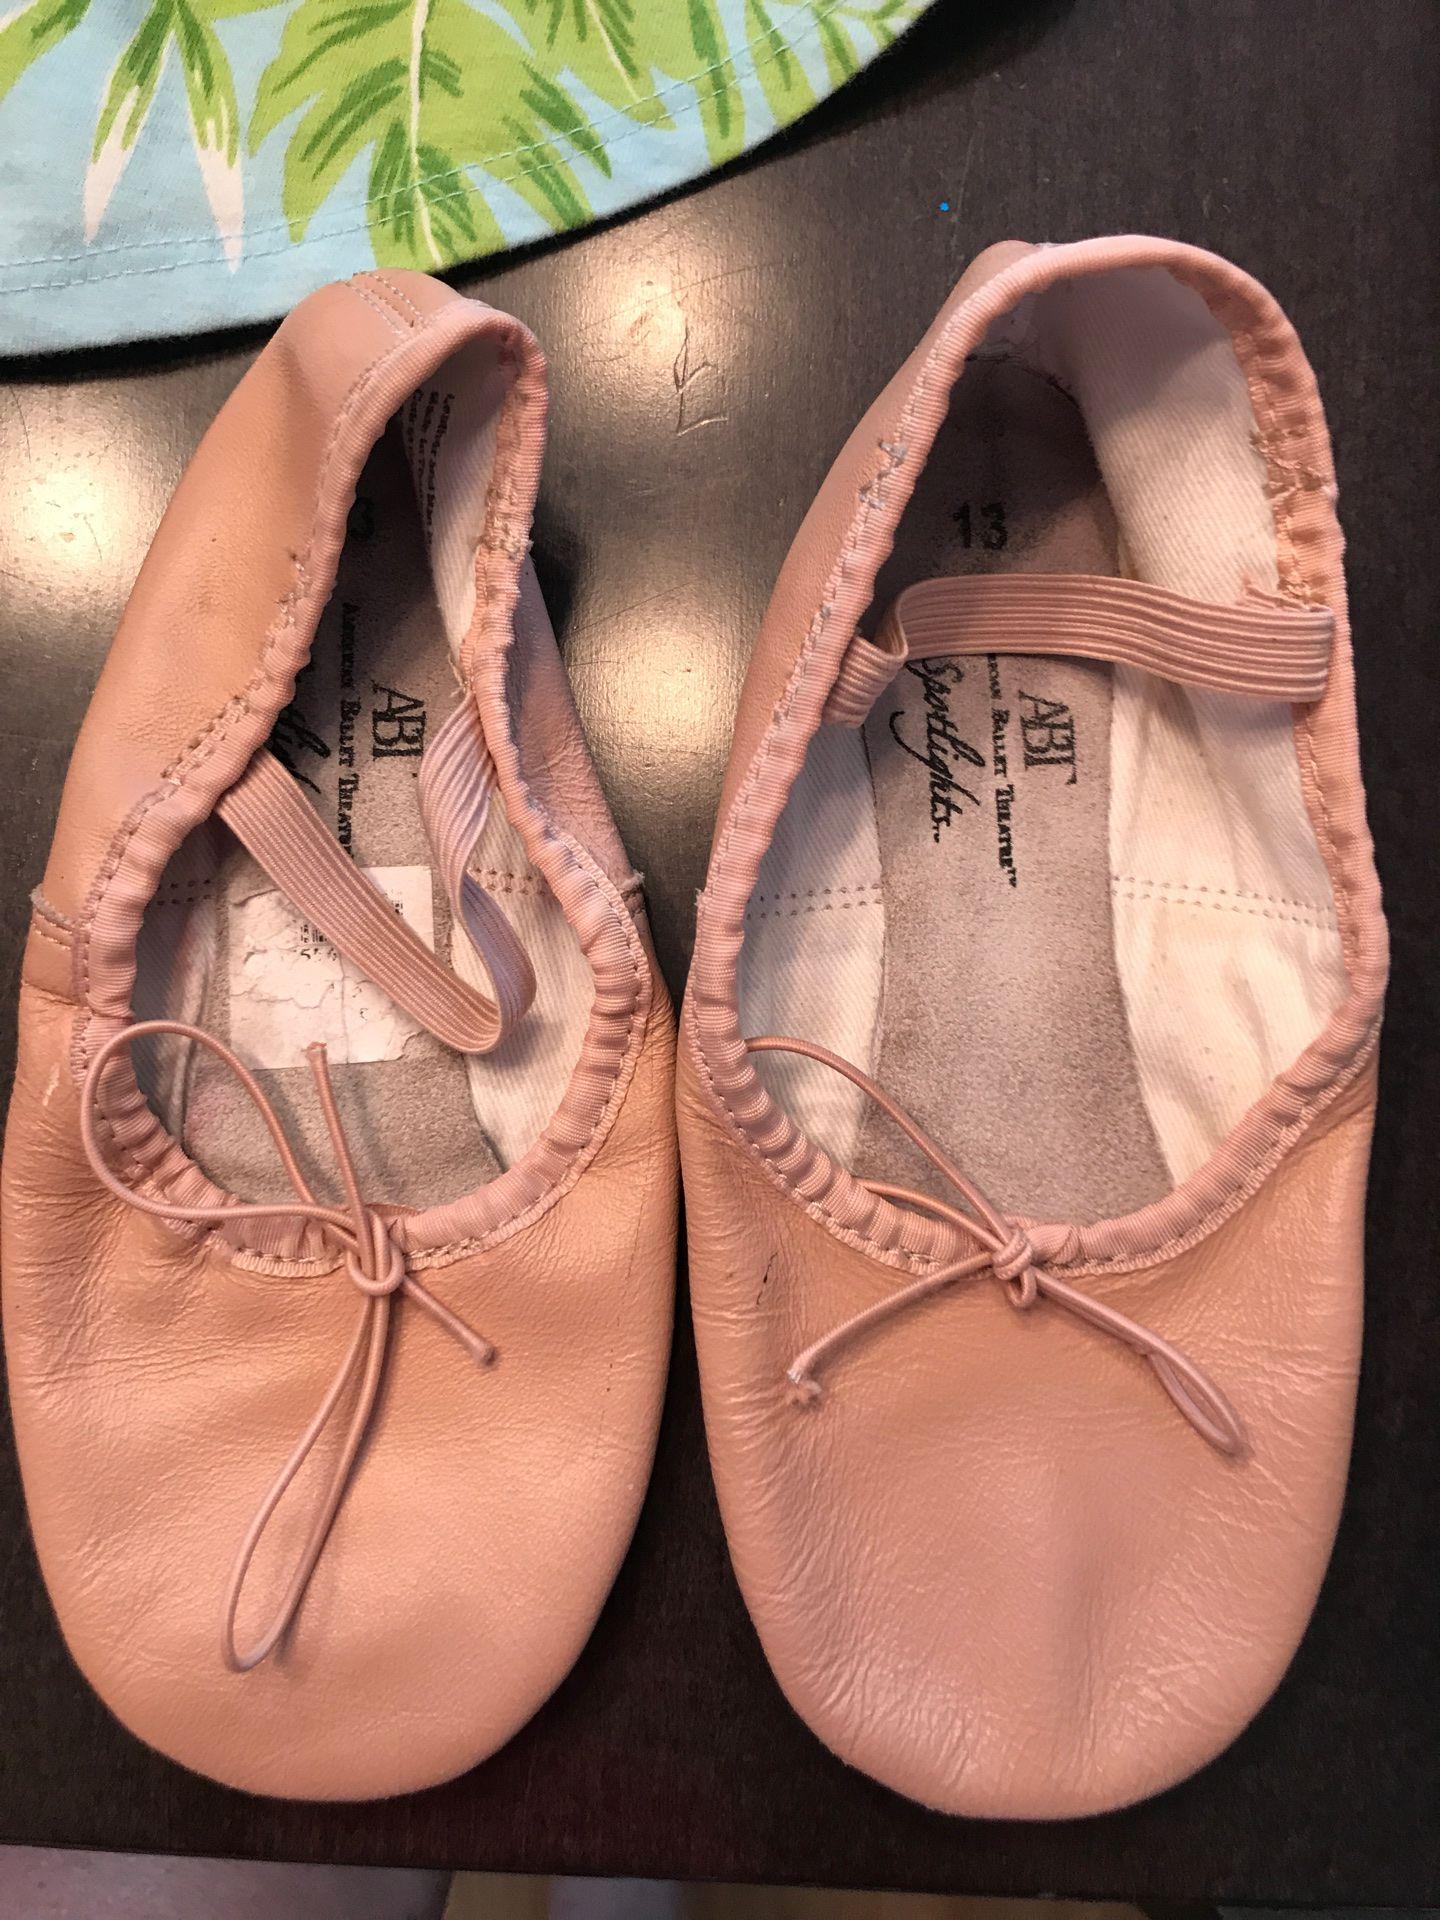 Size 13 ballet shoes